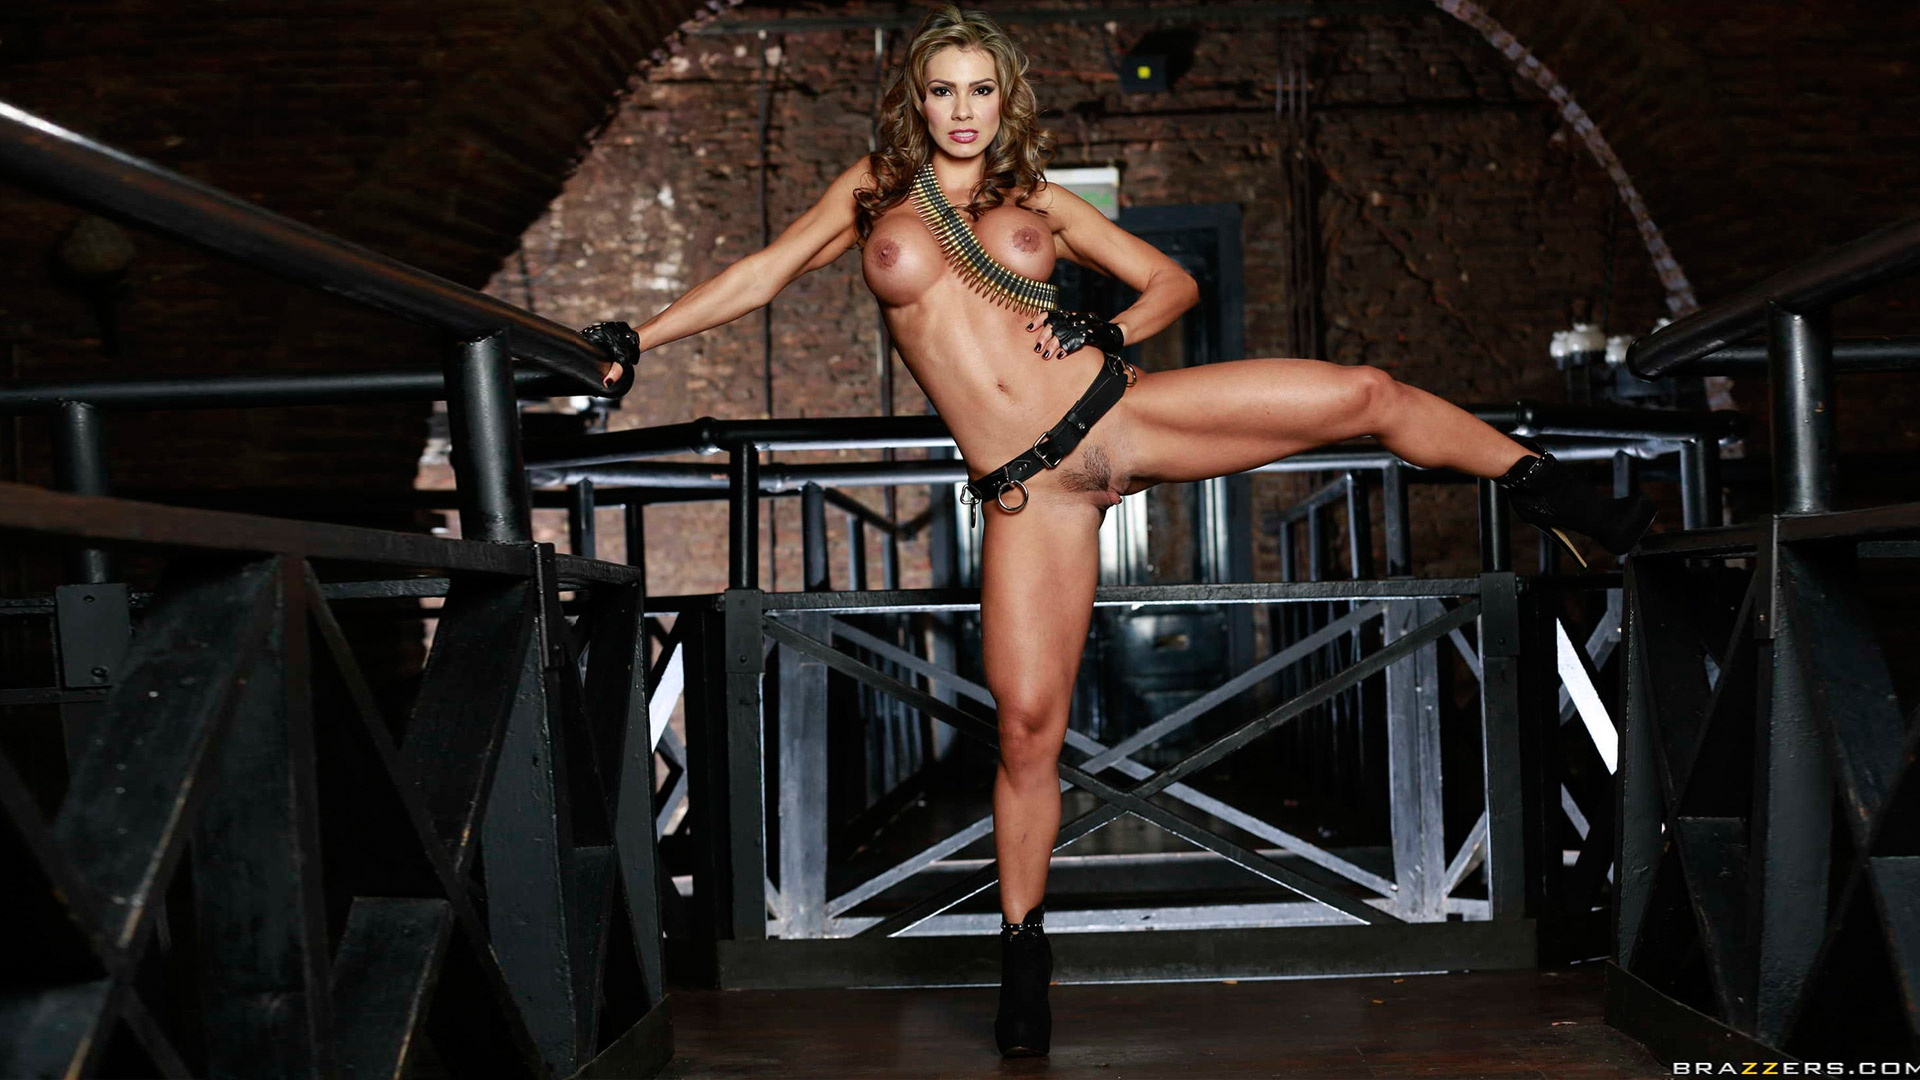 Esperanza Gomez fit porn star full frontal warrior soldier ...